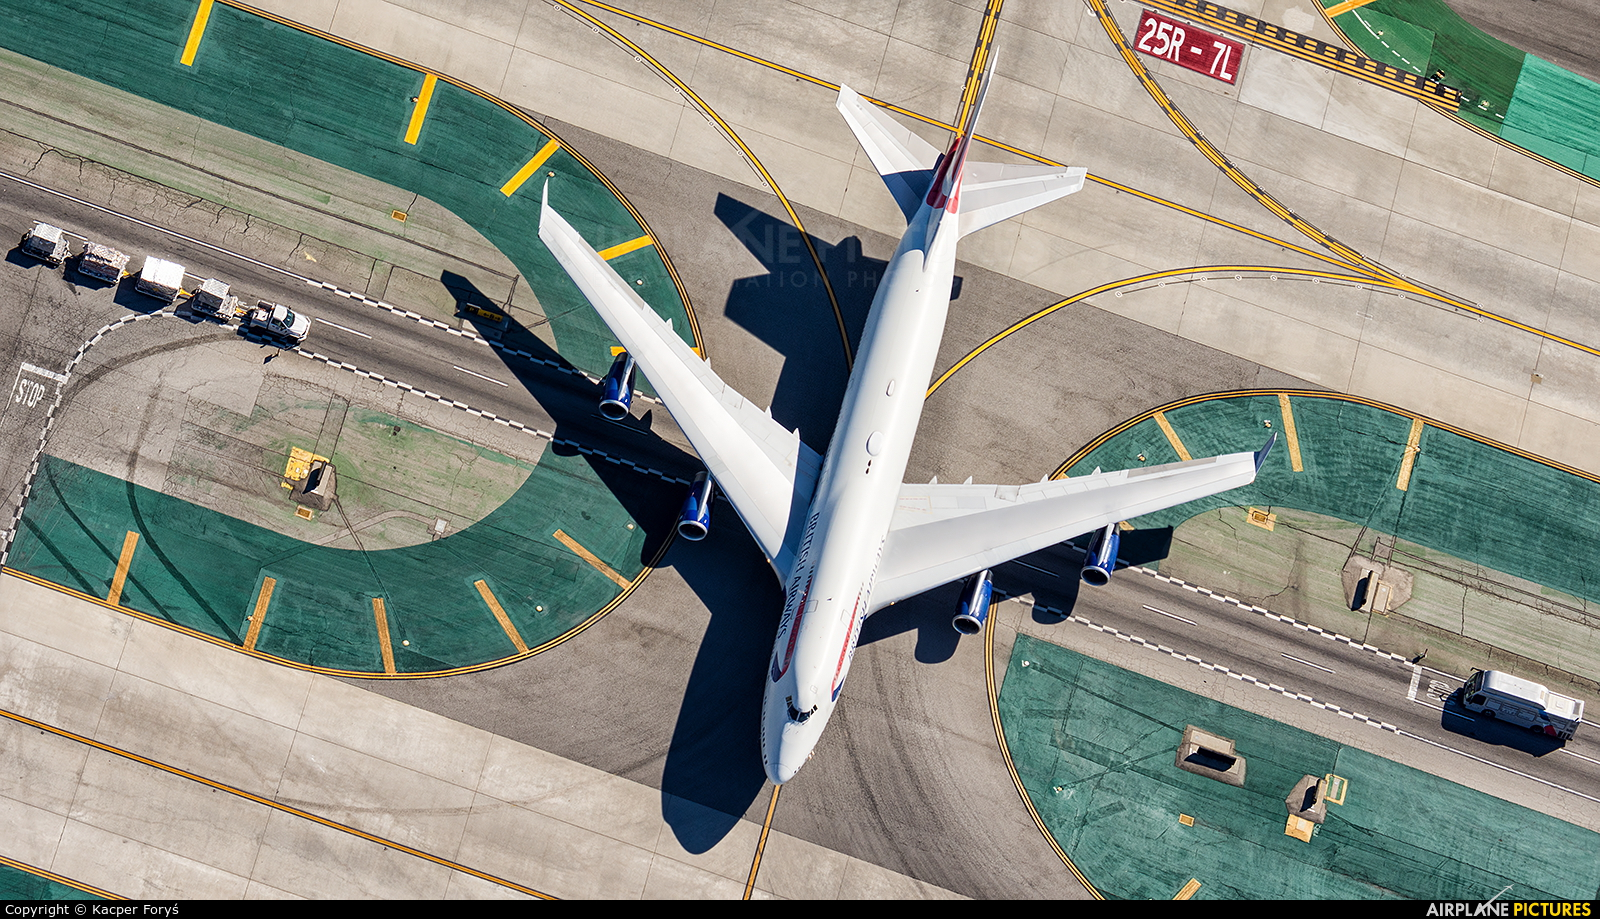 British Airways G-BYGG aircraft at Los Angeles Intl